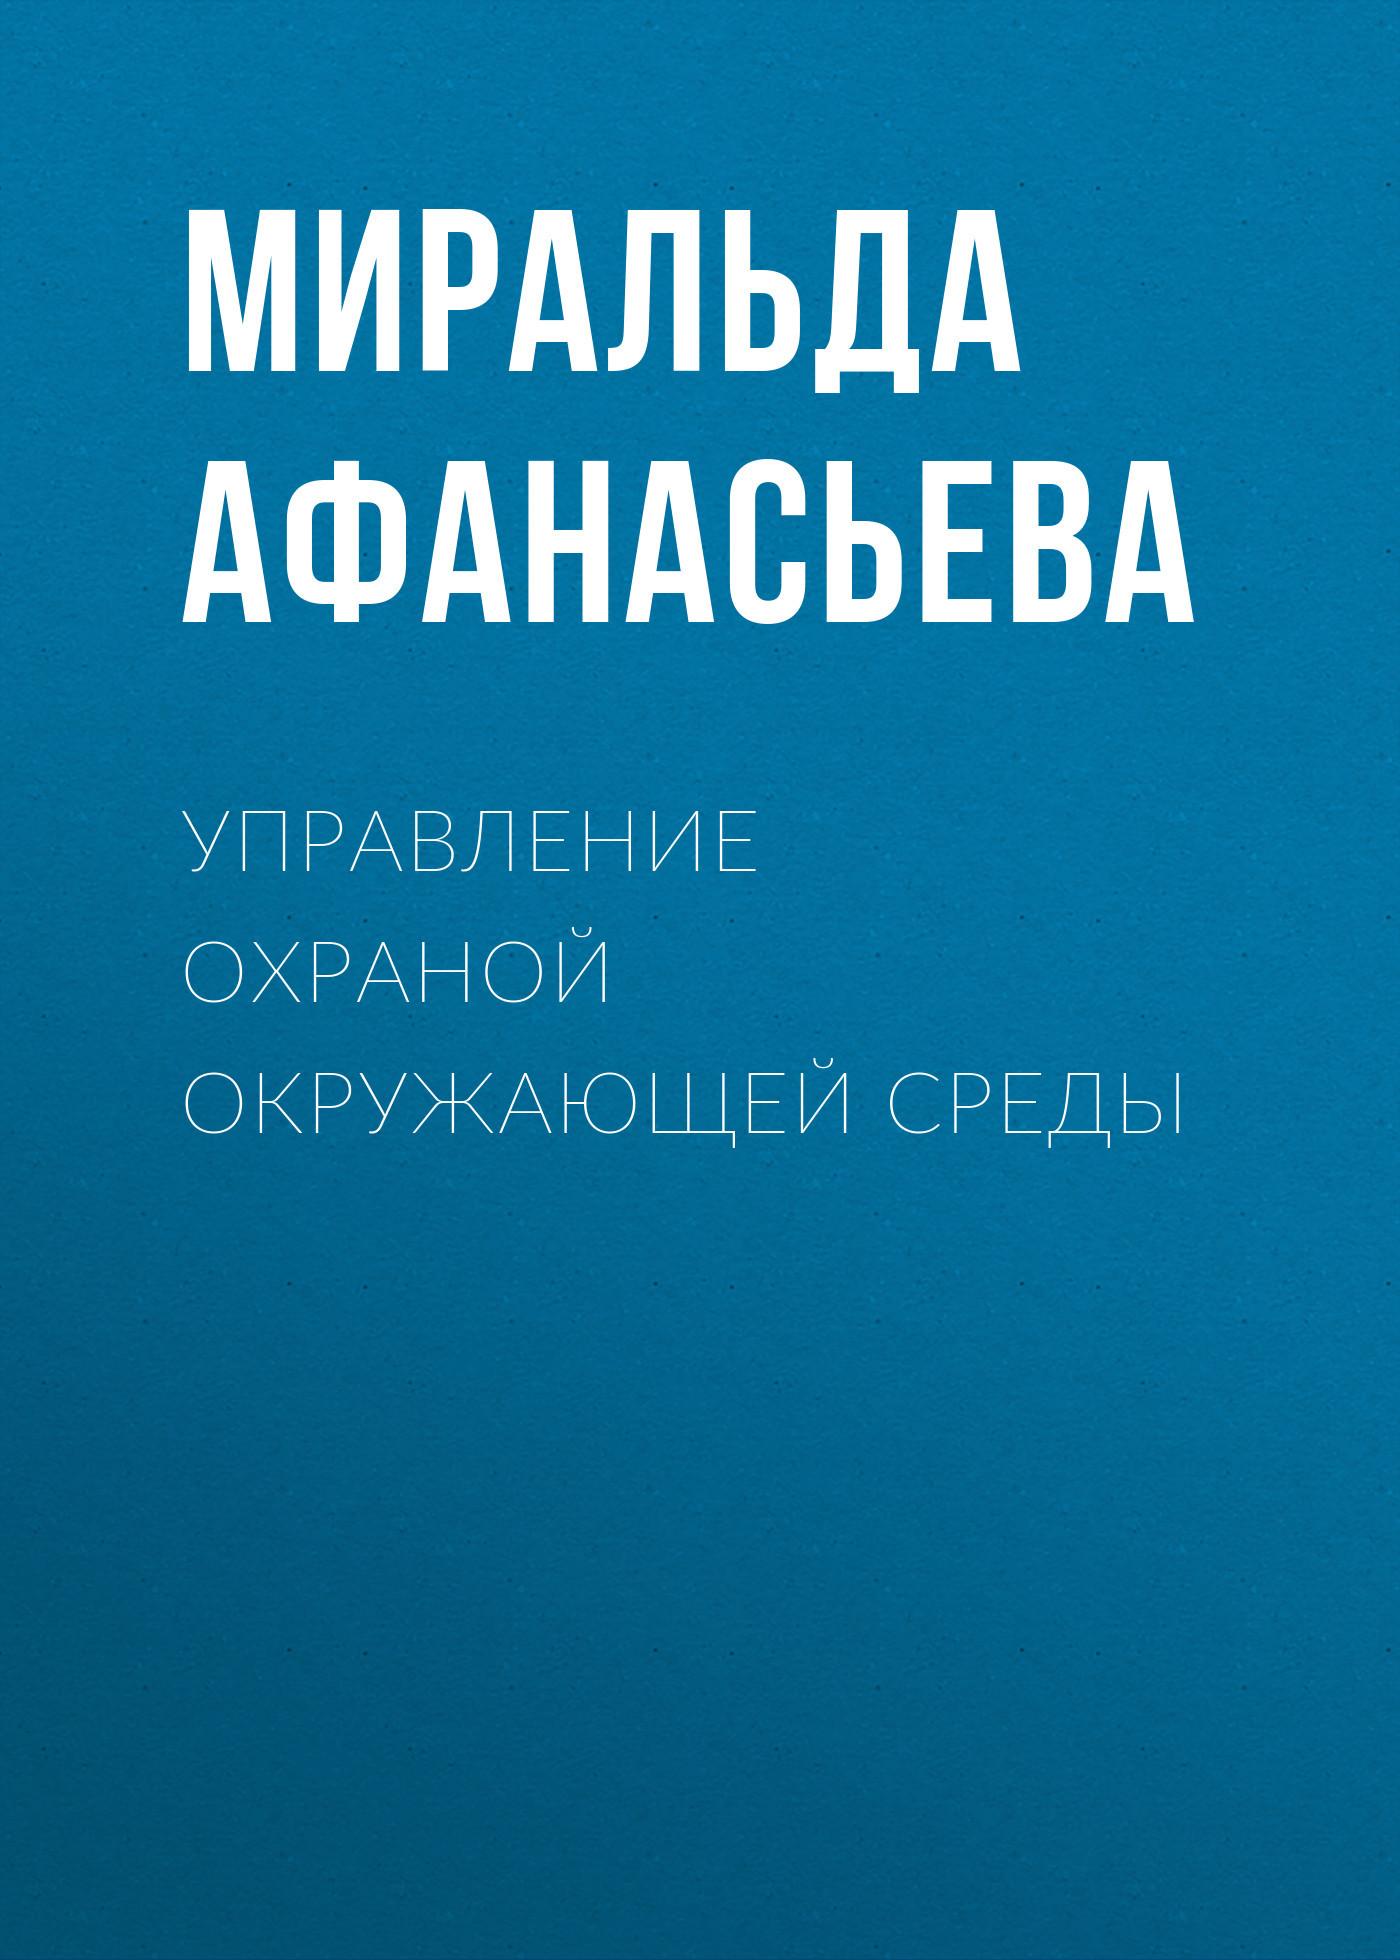 Миральда Афанасьева Управление охраной окружающей среды